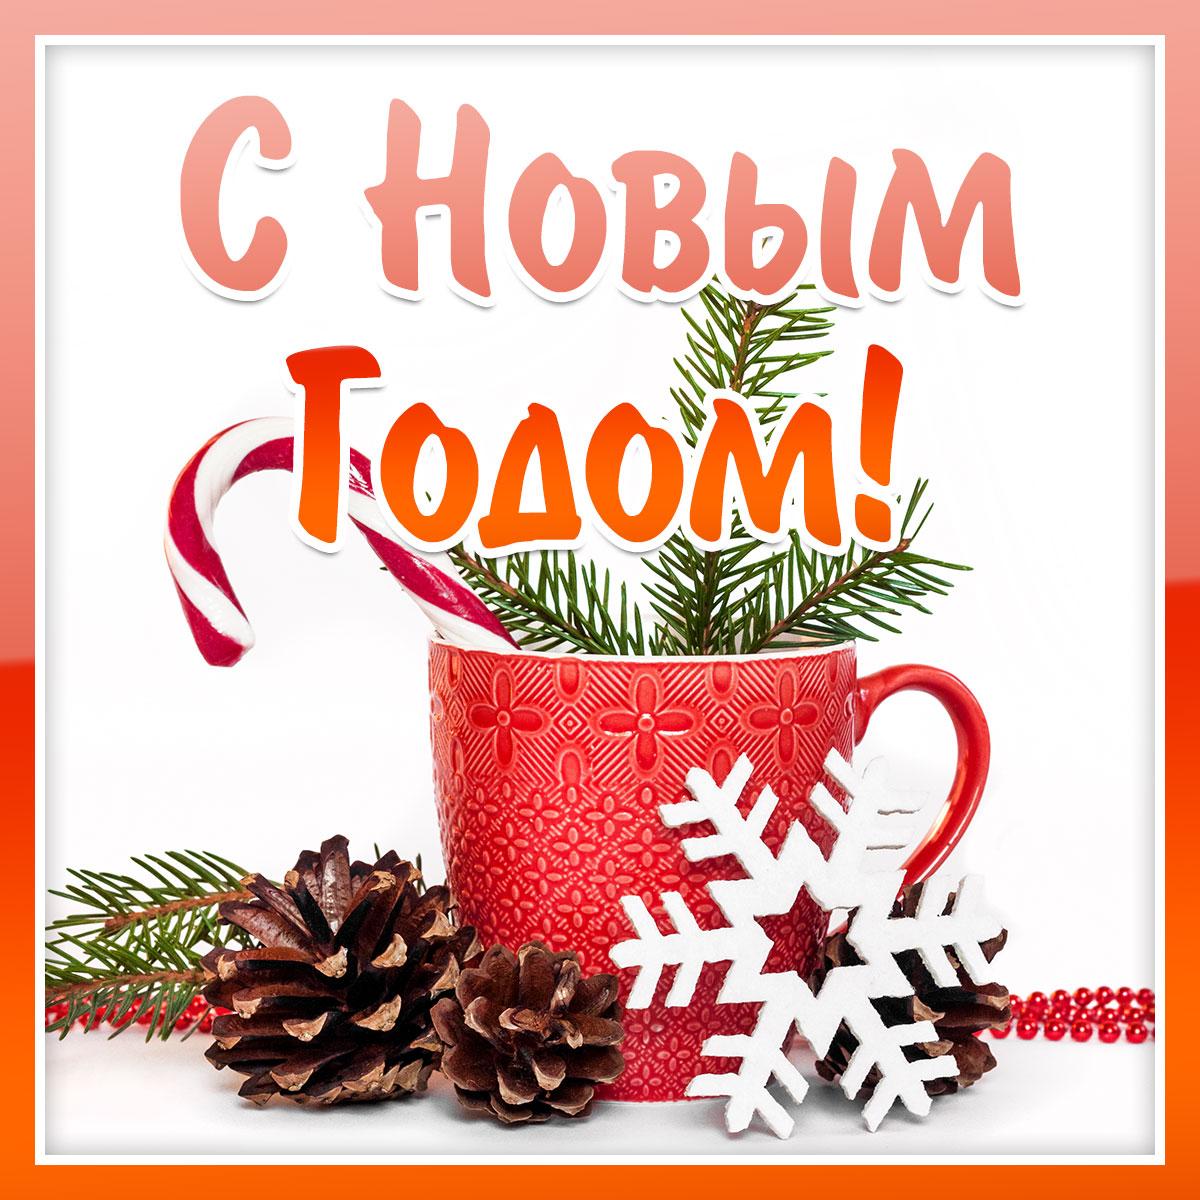 Картинка с текстом - новогодняя открытка друзьям с красной кружкой, еловыми ветками и шишками, карамельной тростью.